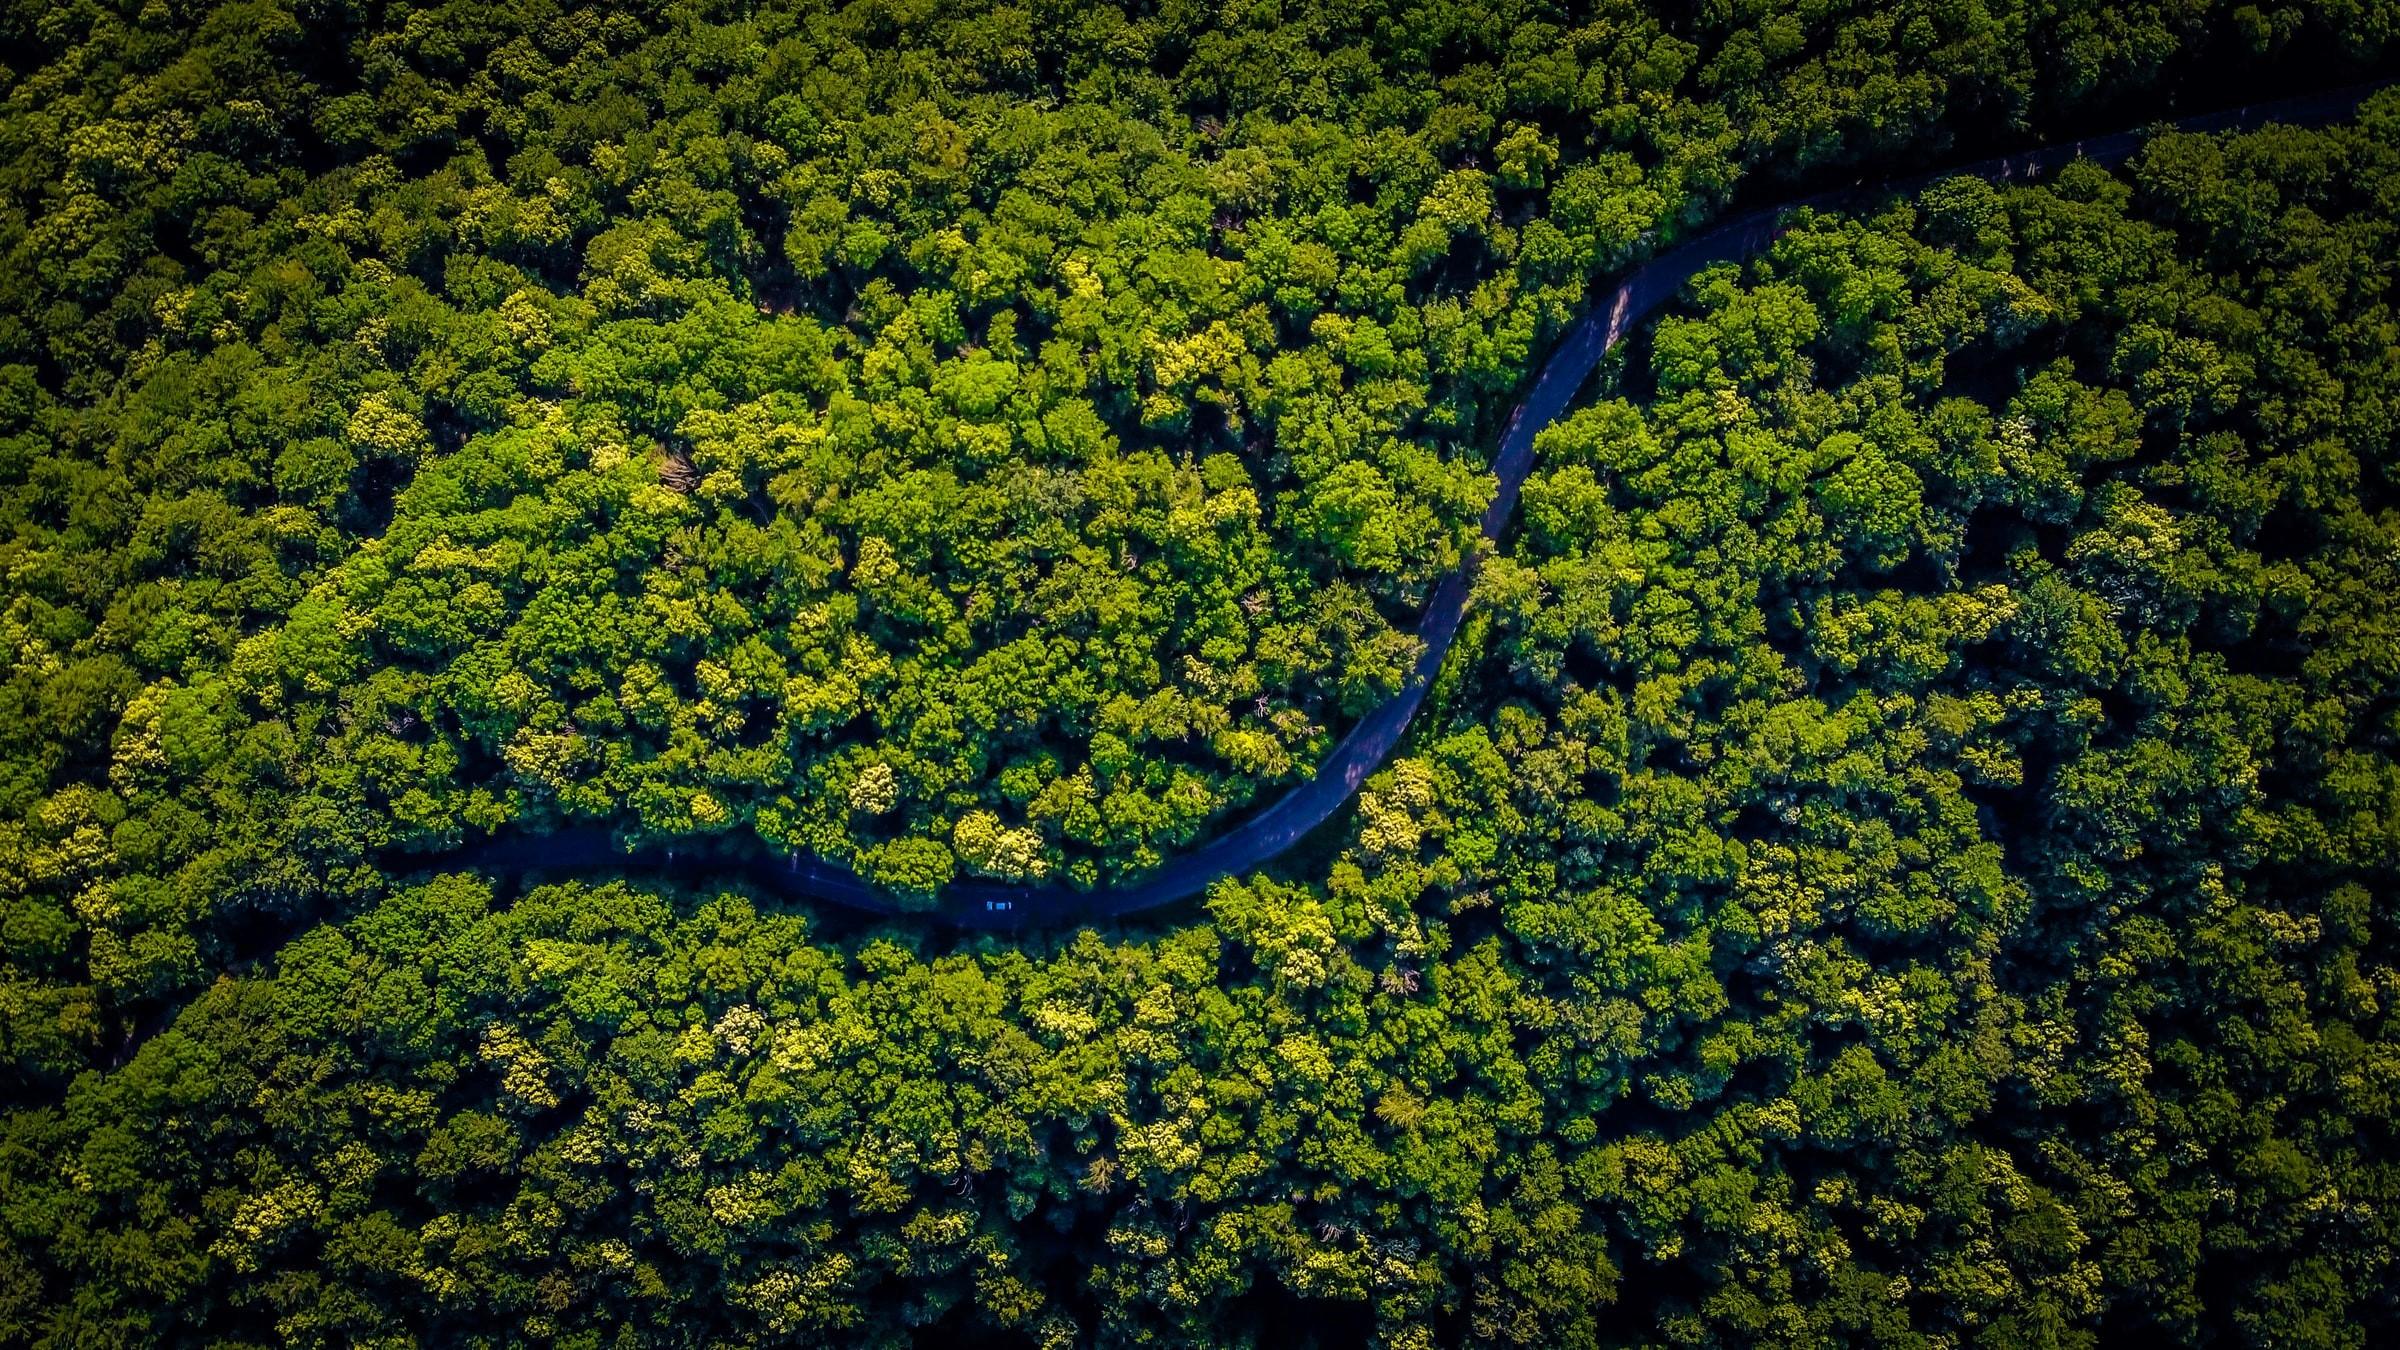 En forskare från University of Cambridge avslöjade att hampagrödor kan fånga koldioxid i atmosfären mer effektivt än skogar, samtidigt som det ger koldioxidnegativa biomaterial.